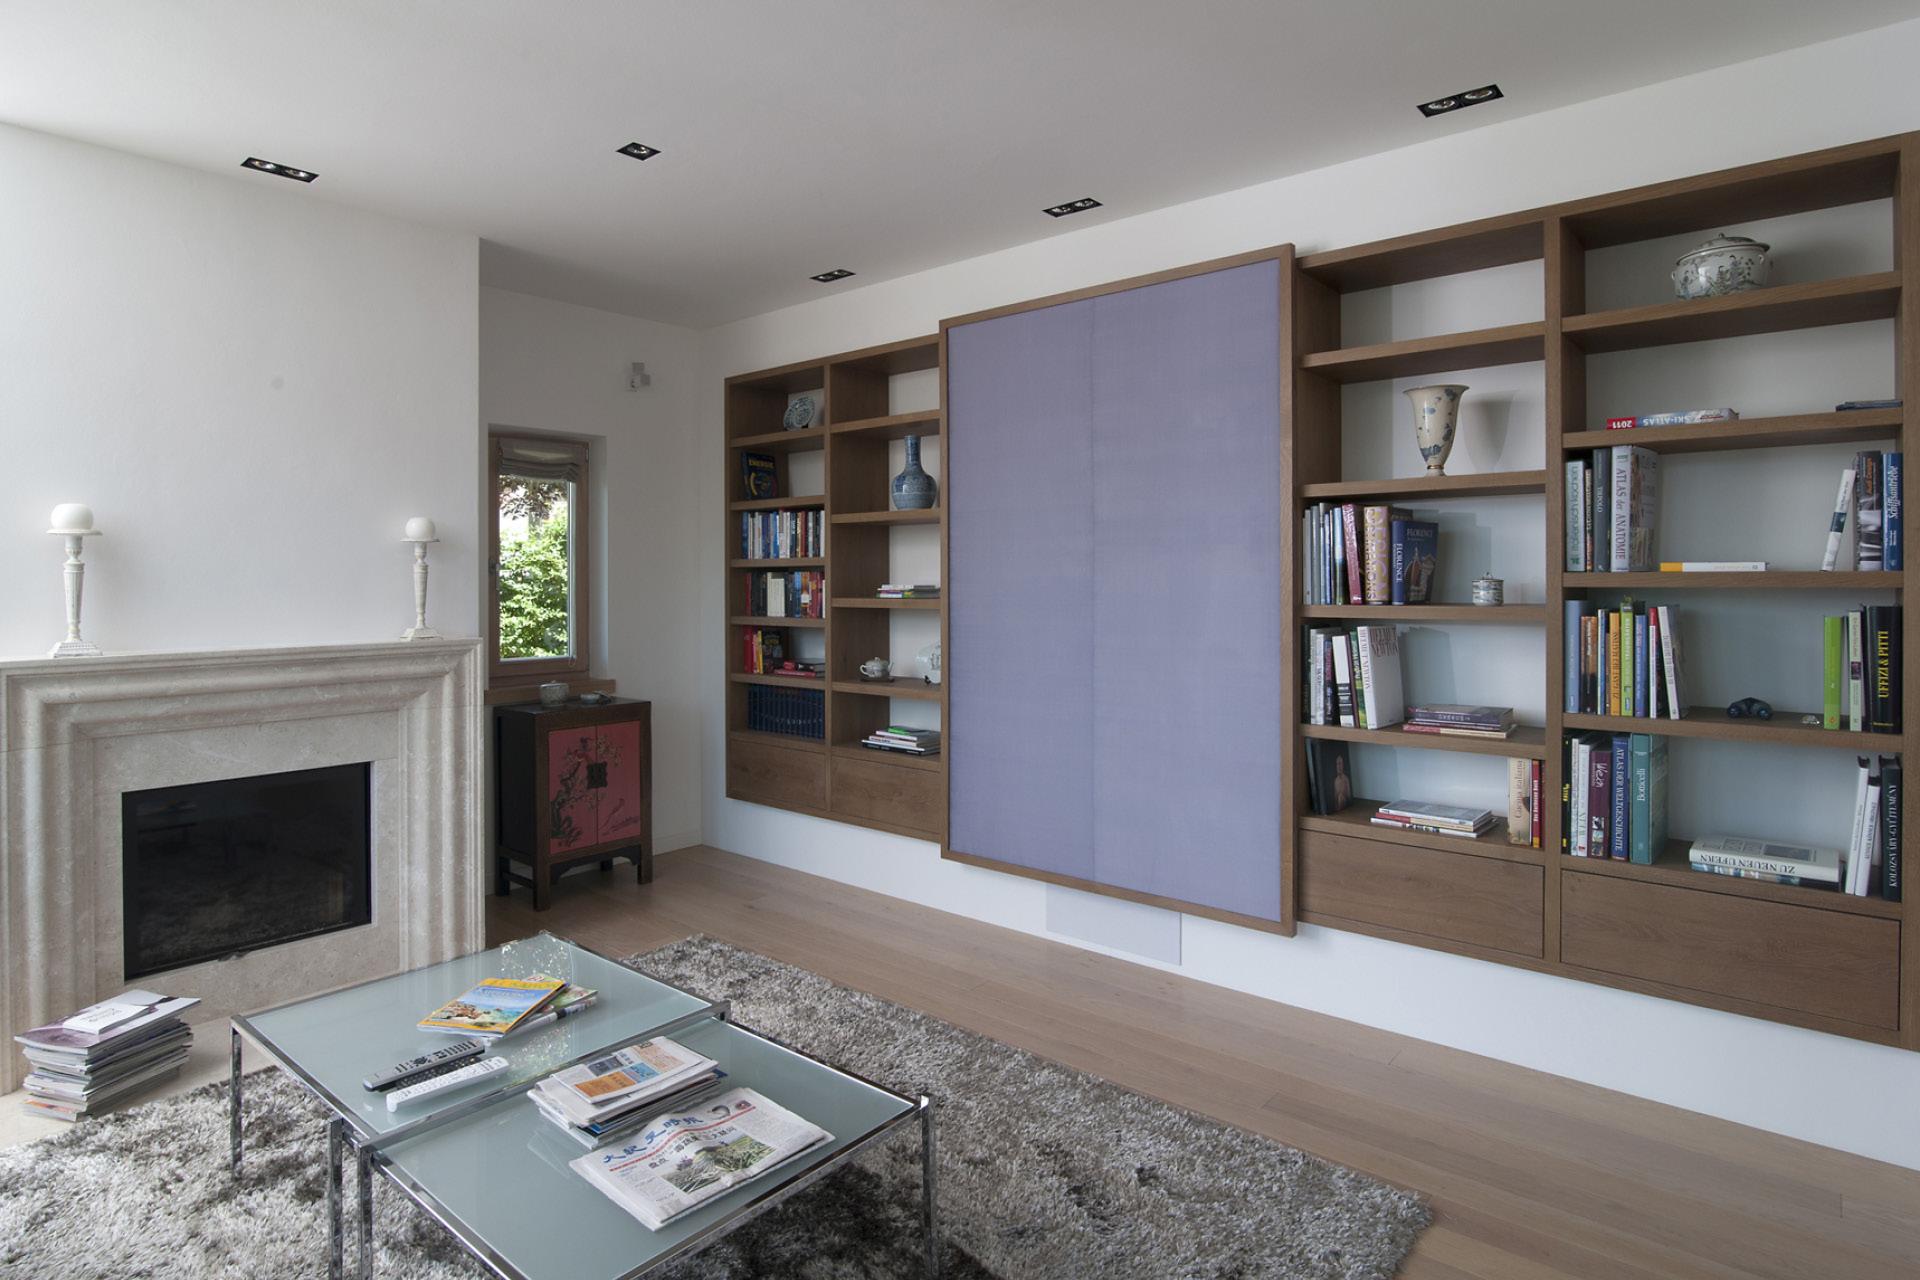 tischlerei-decker-meistertischlerei-oesterreich-villa-tegernsee-wohnwand